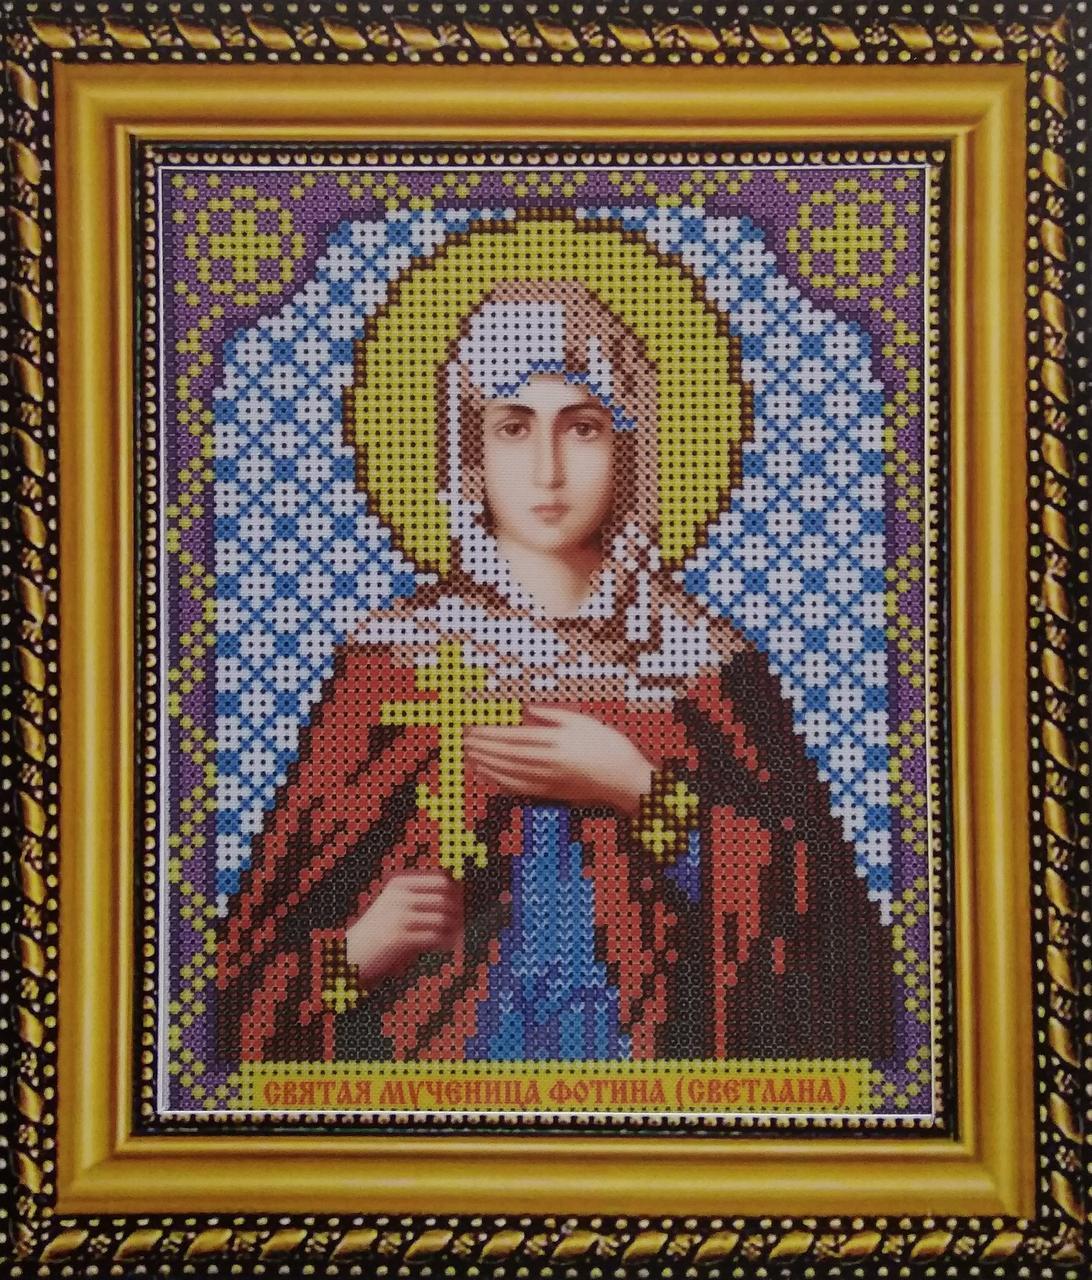 Набор для вышивки бисером ArtWork икона Святая Мученица Фотина (Светлана) VIA 5037